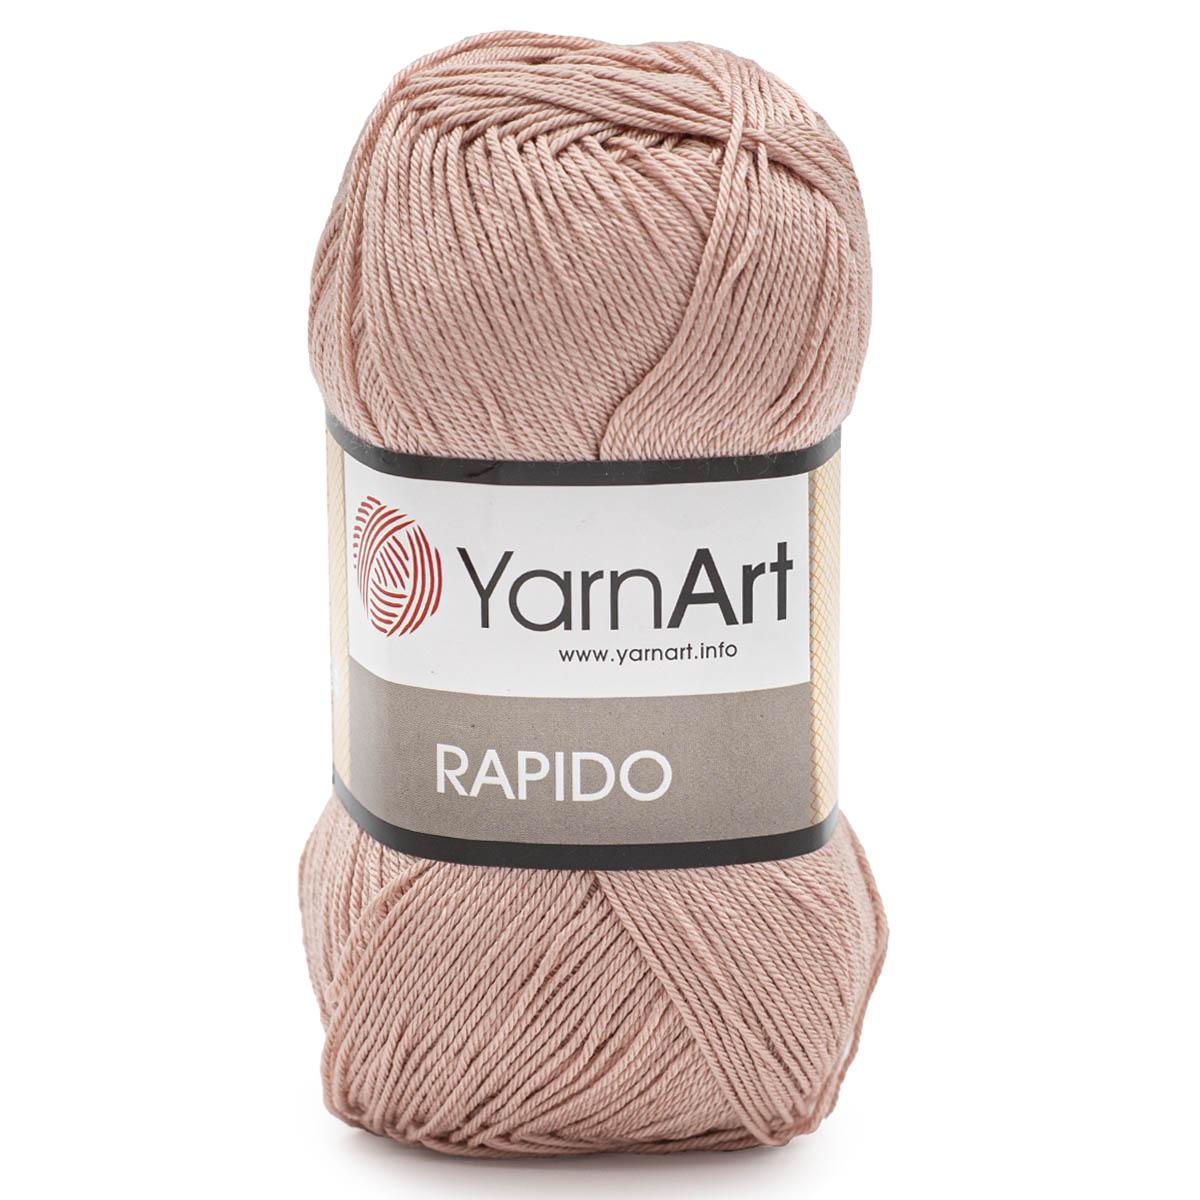 Пряжа YarnArt 'Rapido' 100гр 350м (100% микрофибра акрил)